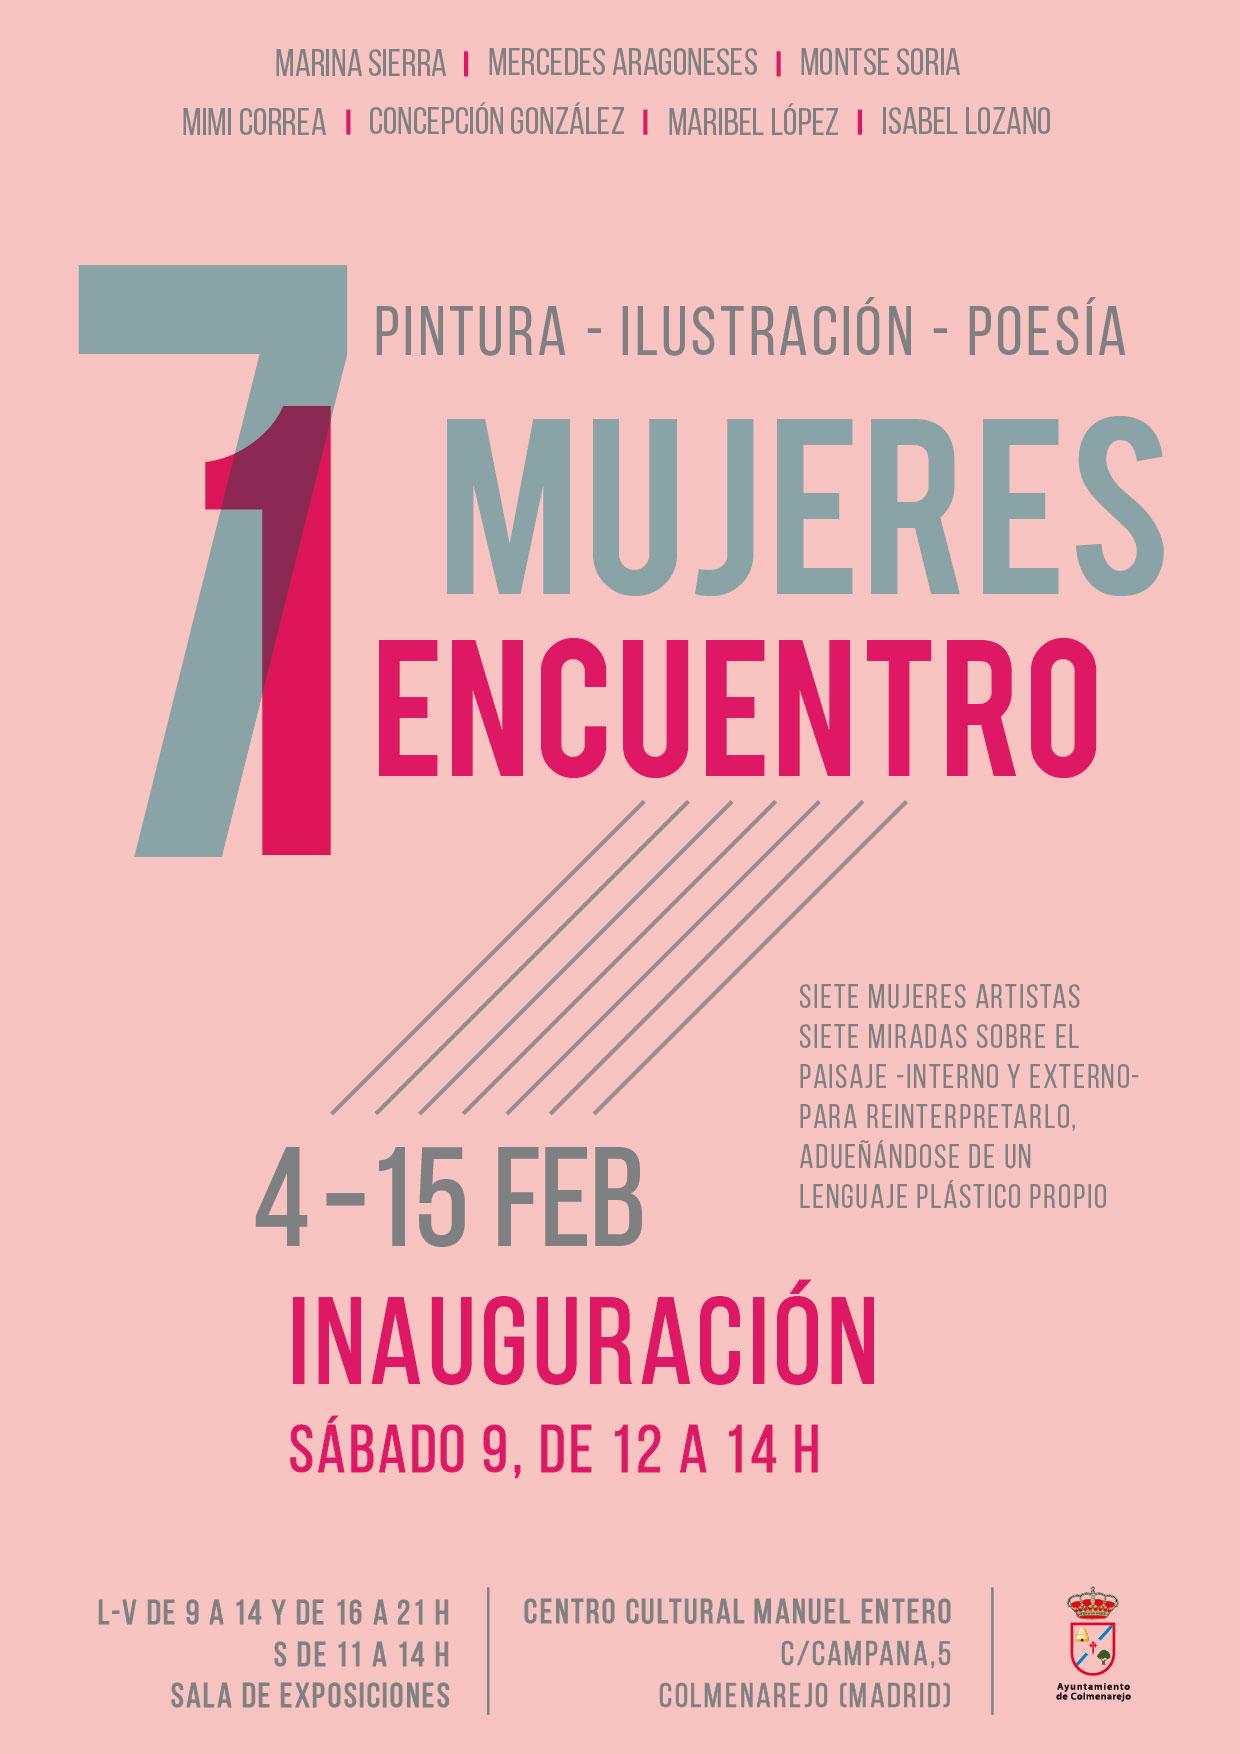 Exposición: 7 MUJERES/ 1 ENCUENTRO @ Sala de Exposiciones